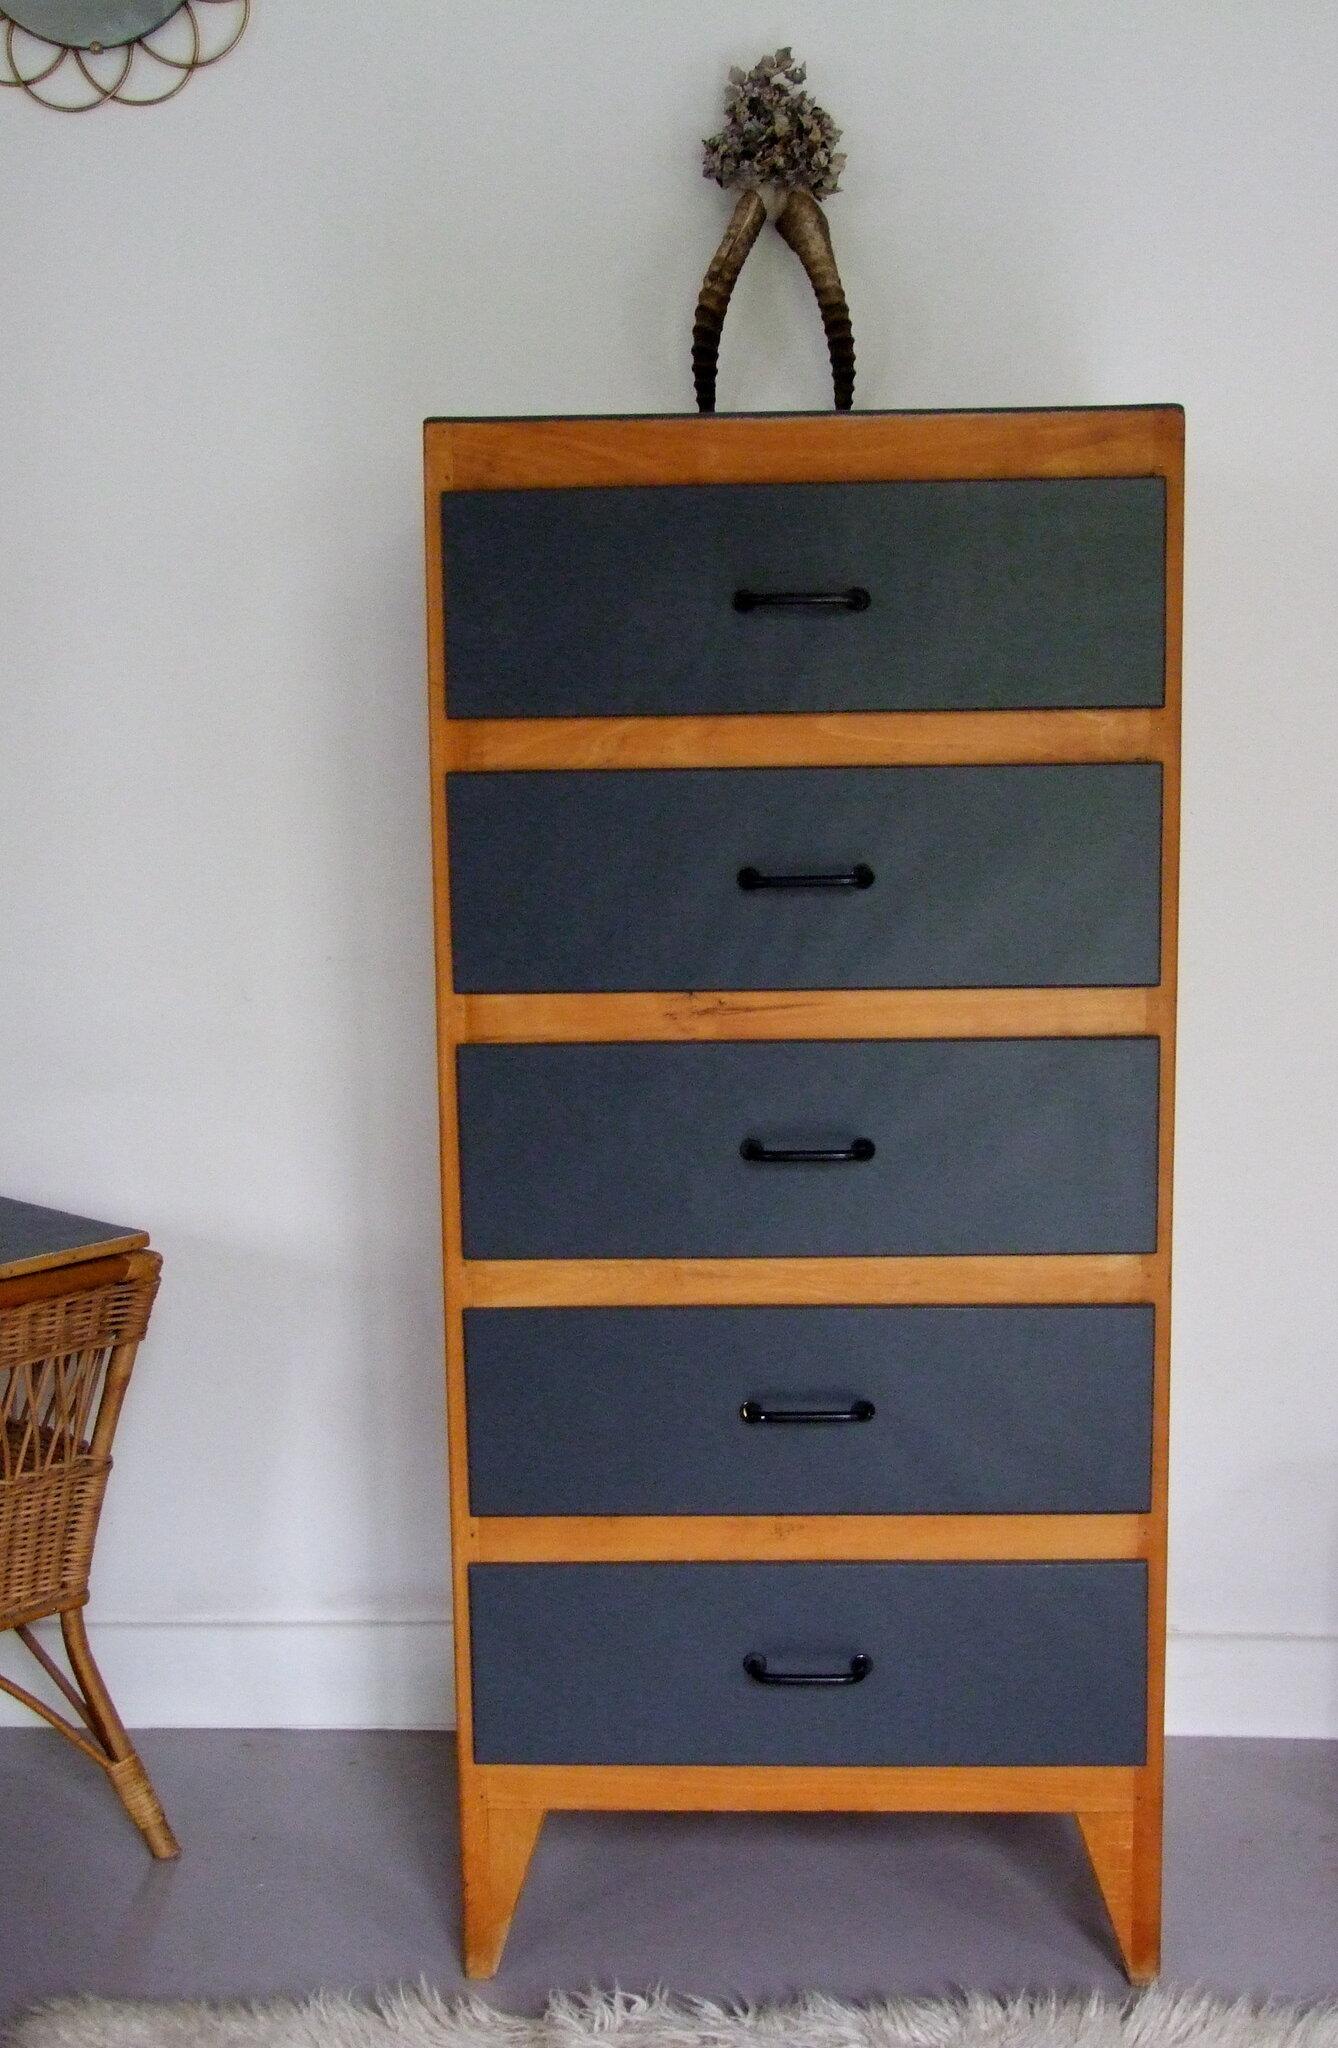 commode chiffonnier annees 60 helmut meubles vintage pataluna chin s d nich s et d lur s. Black Bedroom Furniture Sets. Home Design Ideas